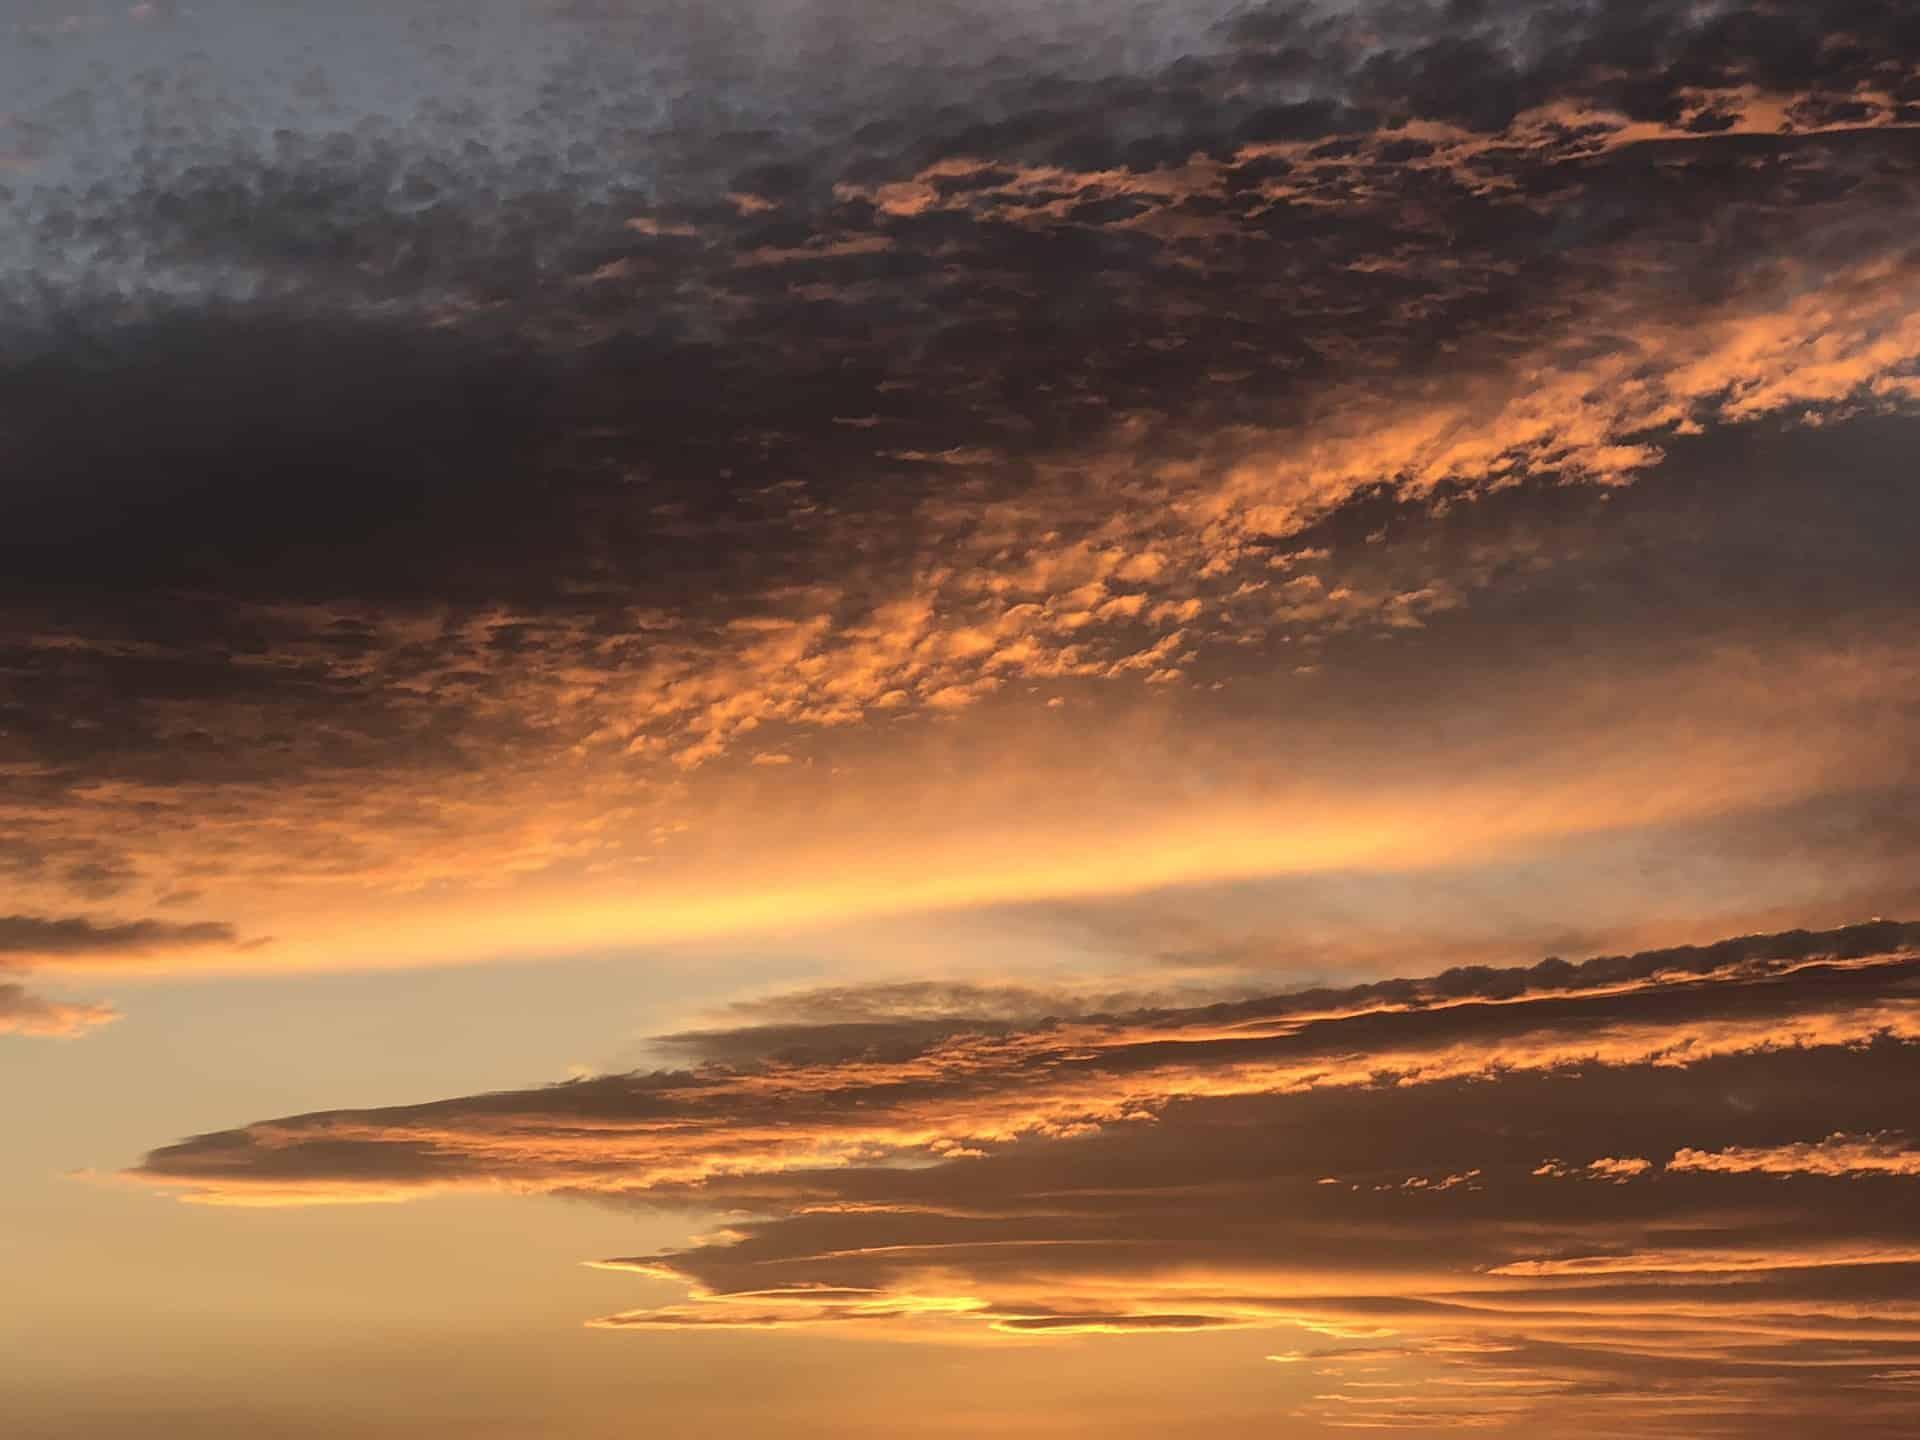 Schöner_Sonnenuntergang_12